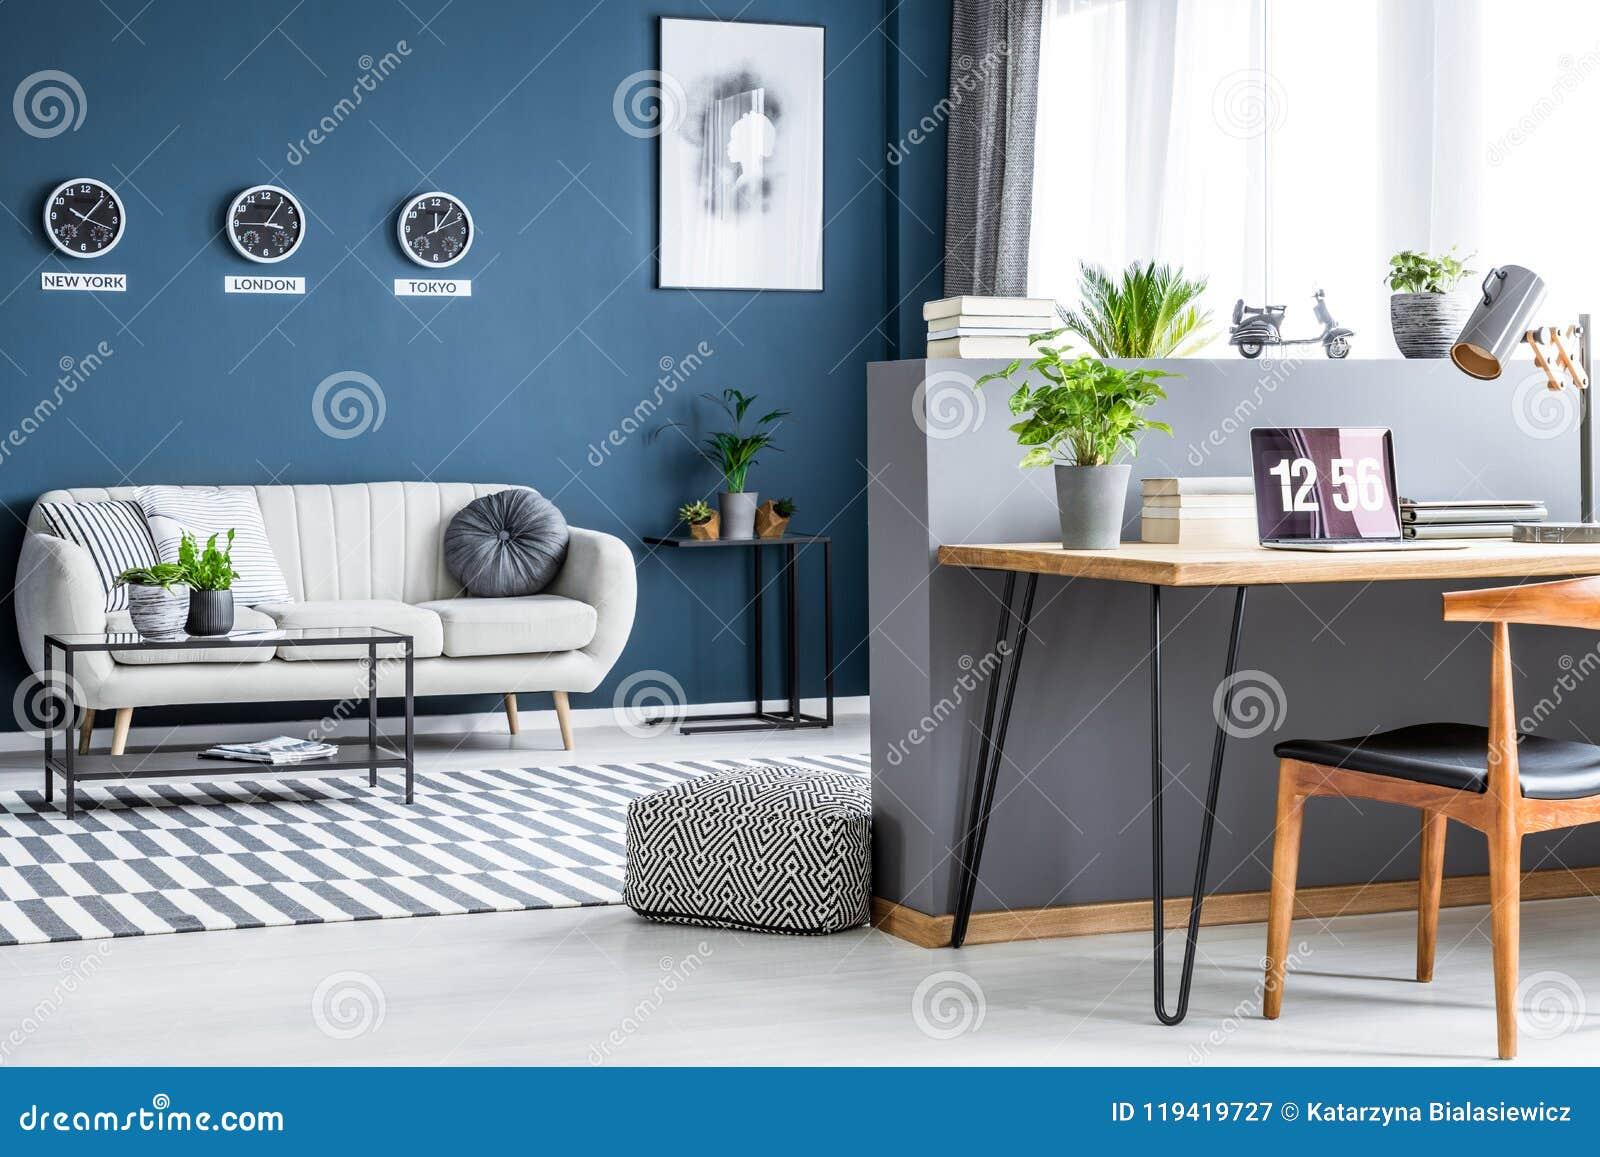 Interior azul marino con tres relojes, cartel simple de la sala de estar,